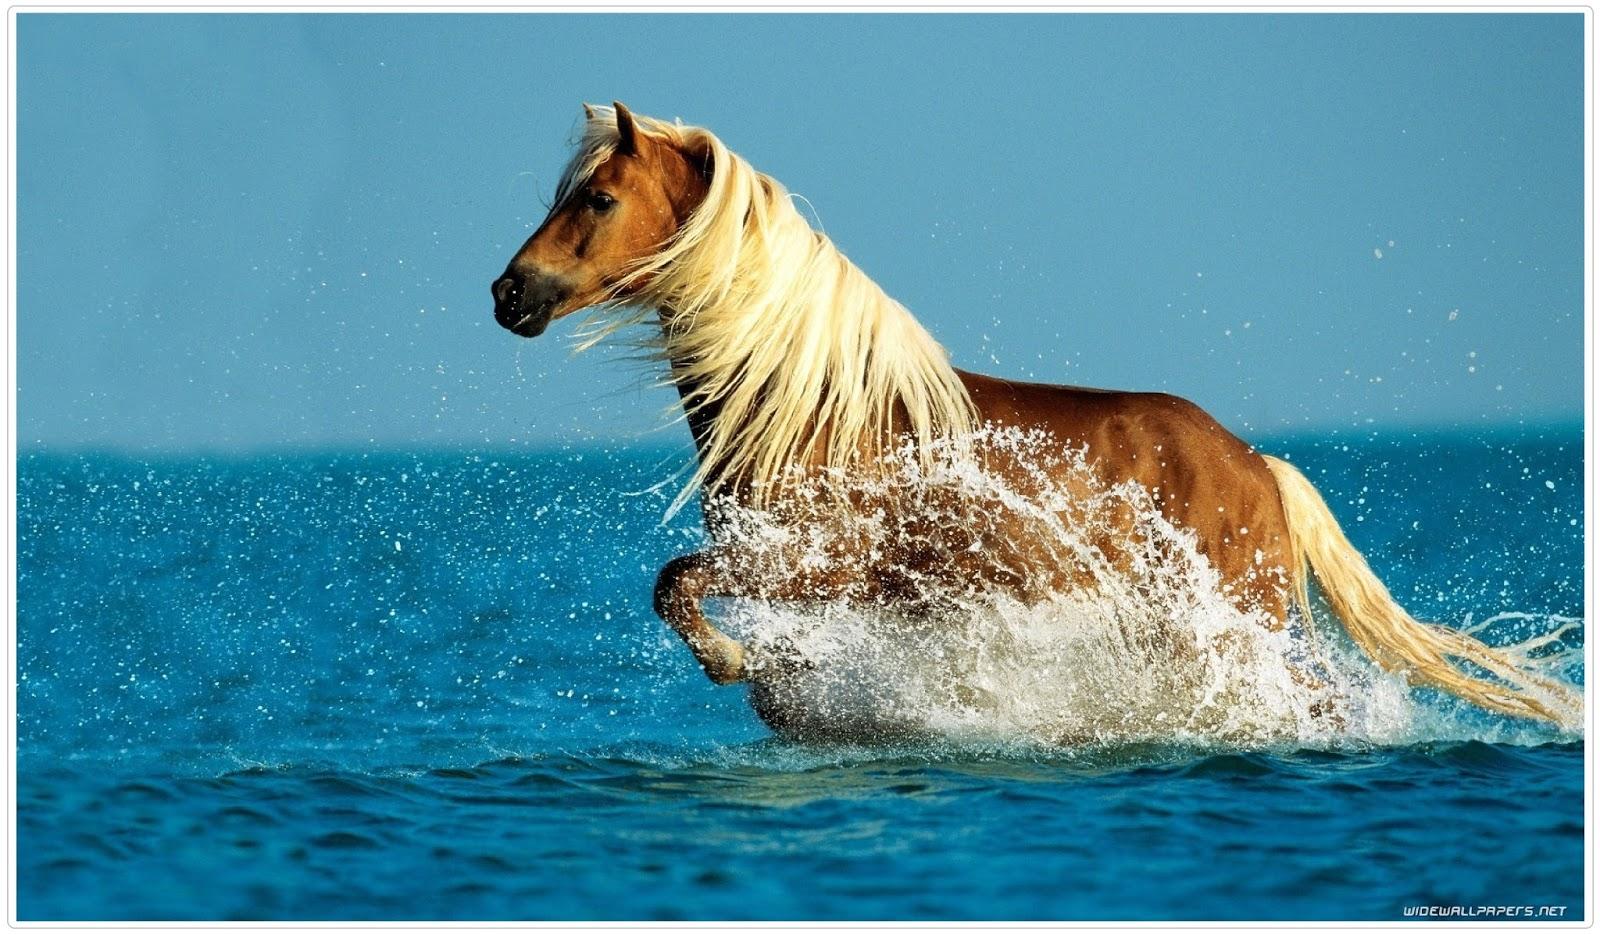 Most Inspiring   Wallpaper Horse Summer - horse%2Bin%2Bthe%2Bsea%2Bimage%2Bhd  Gallery_974451.jpg